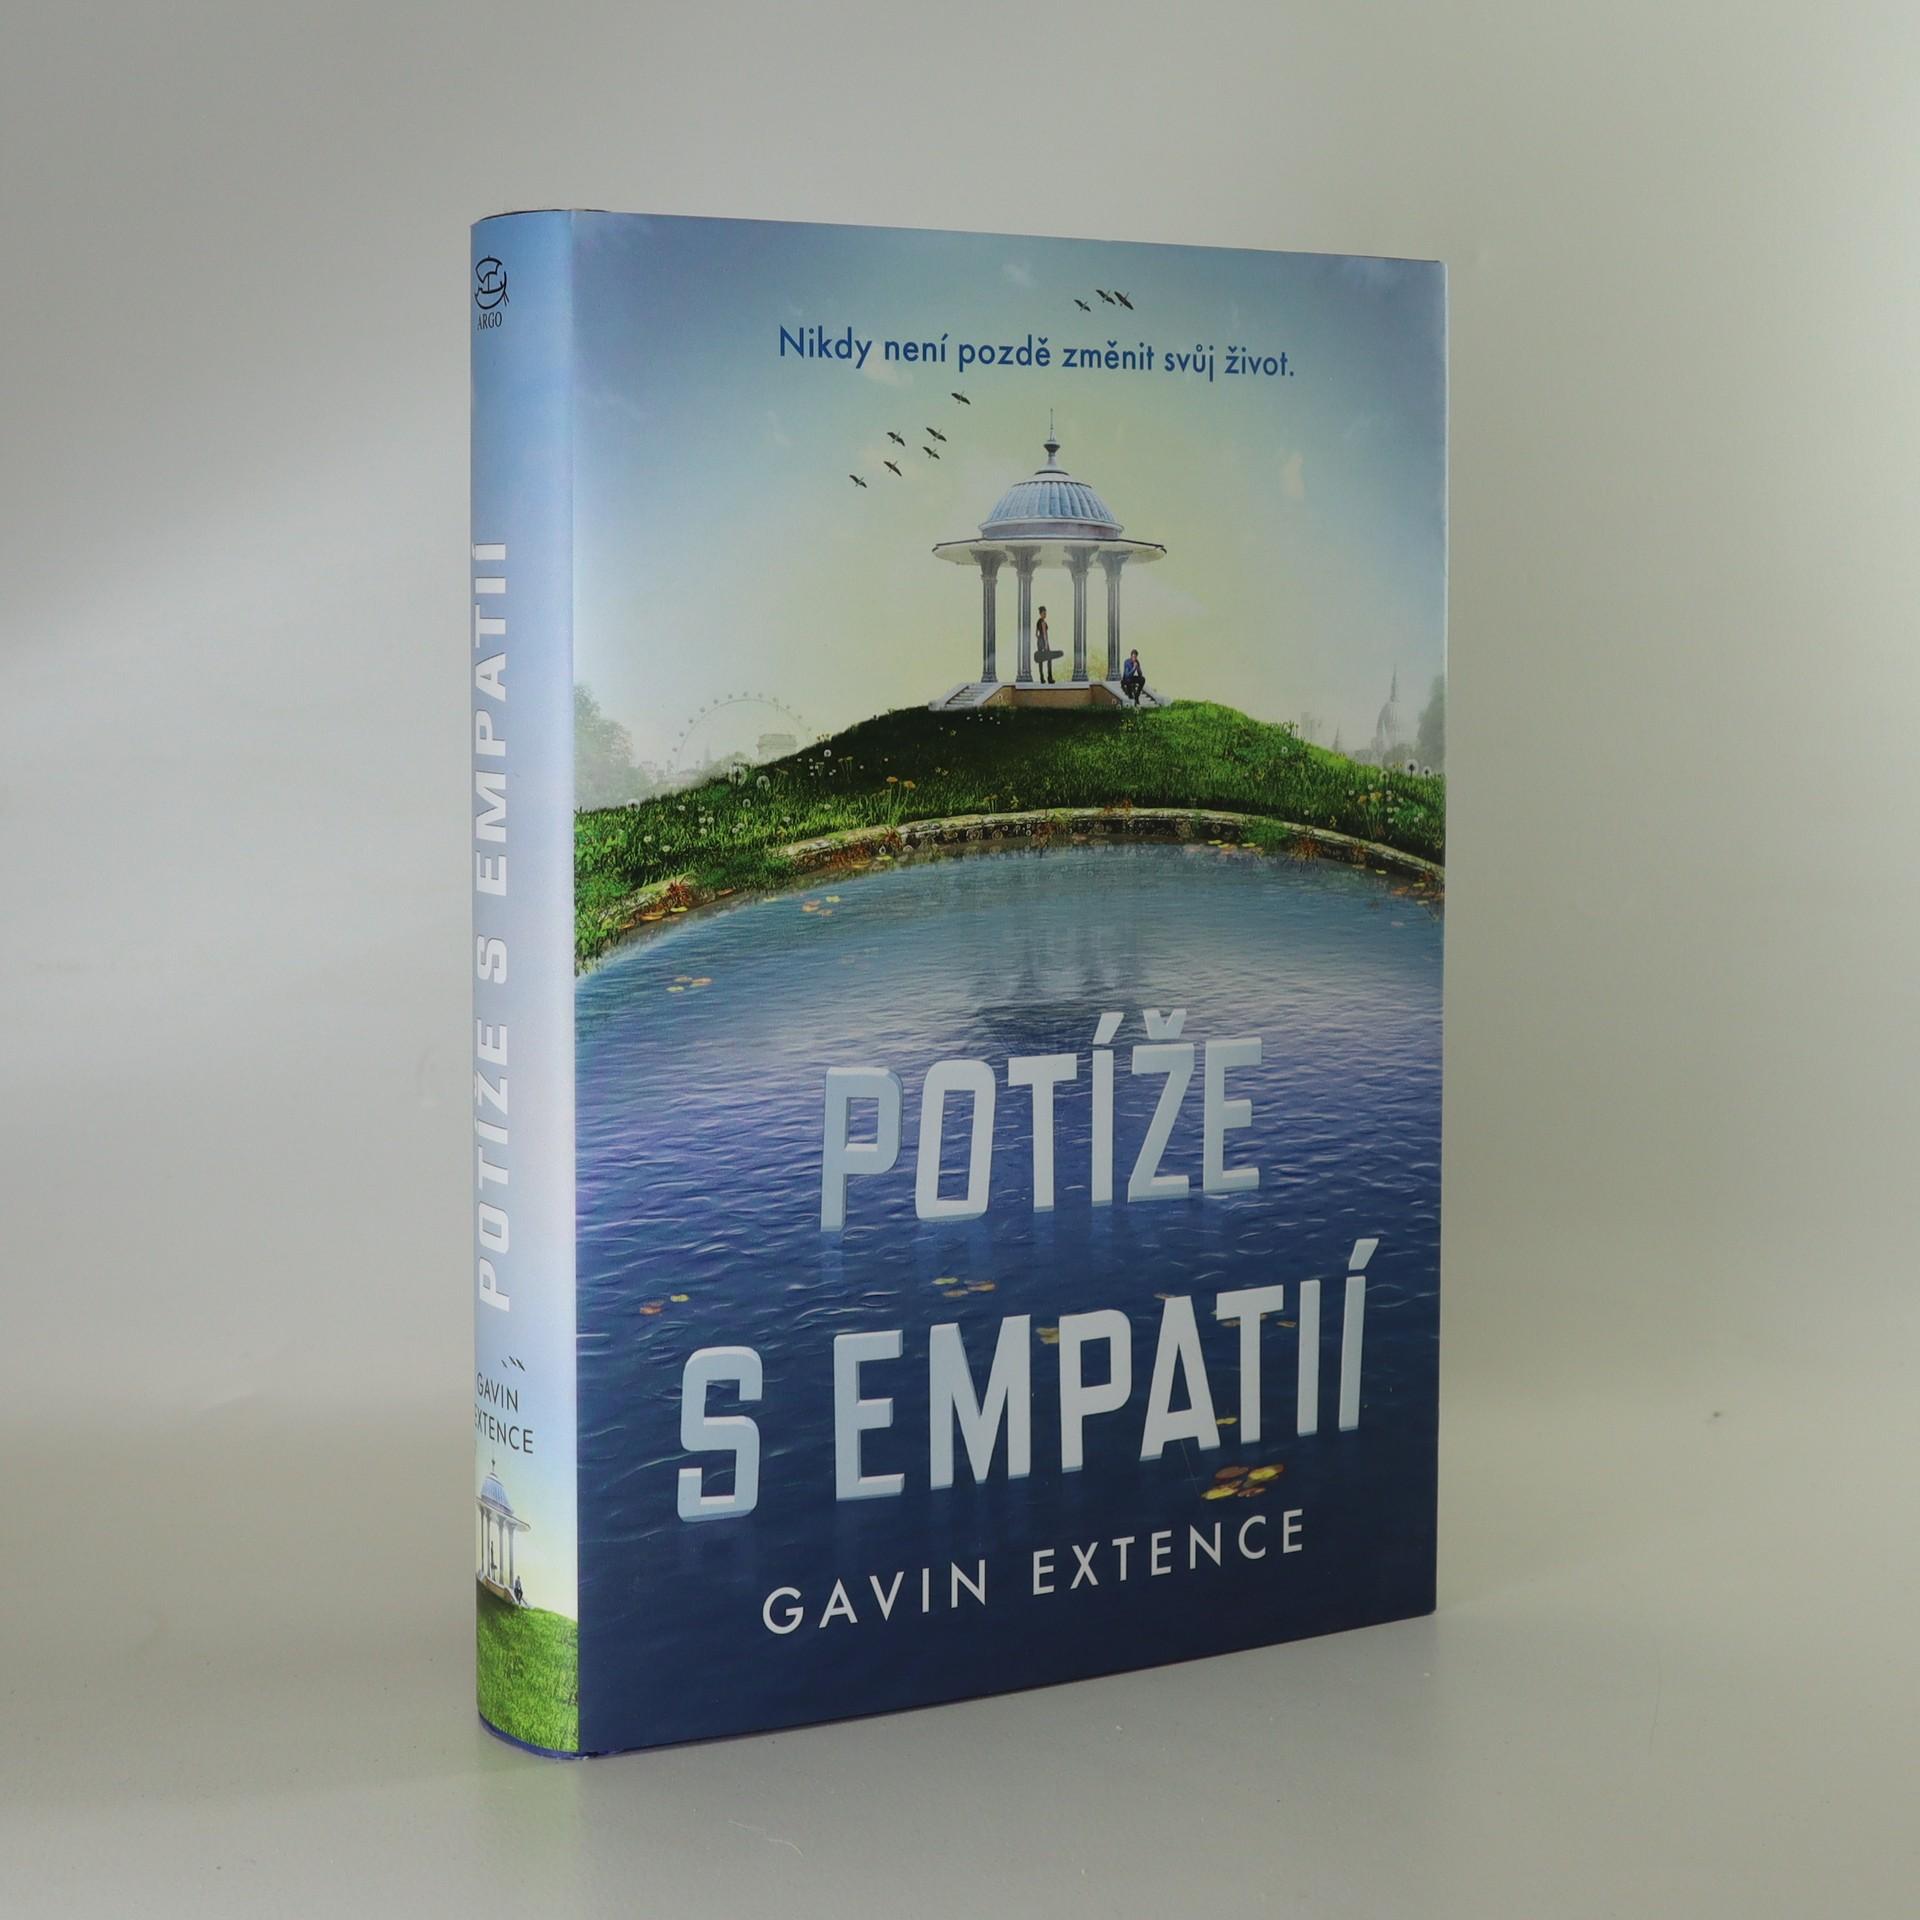 antikvární kniha Potíže s empatií, 2017